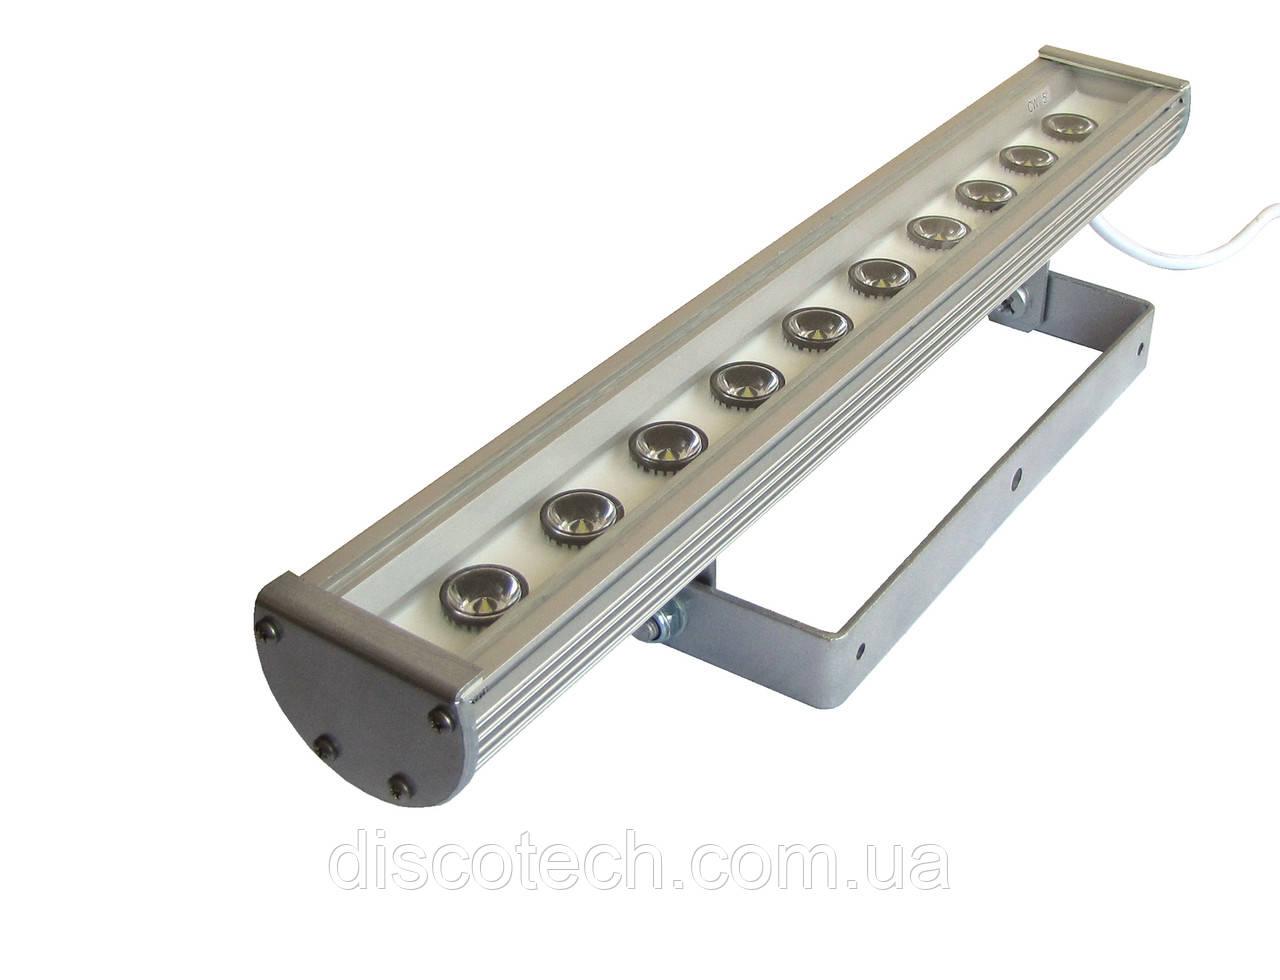 Світильник світлодіодний лінійний LS Line-1-65-10-0,7 A